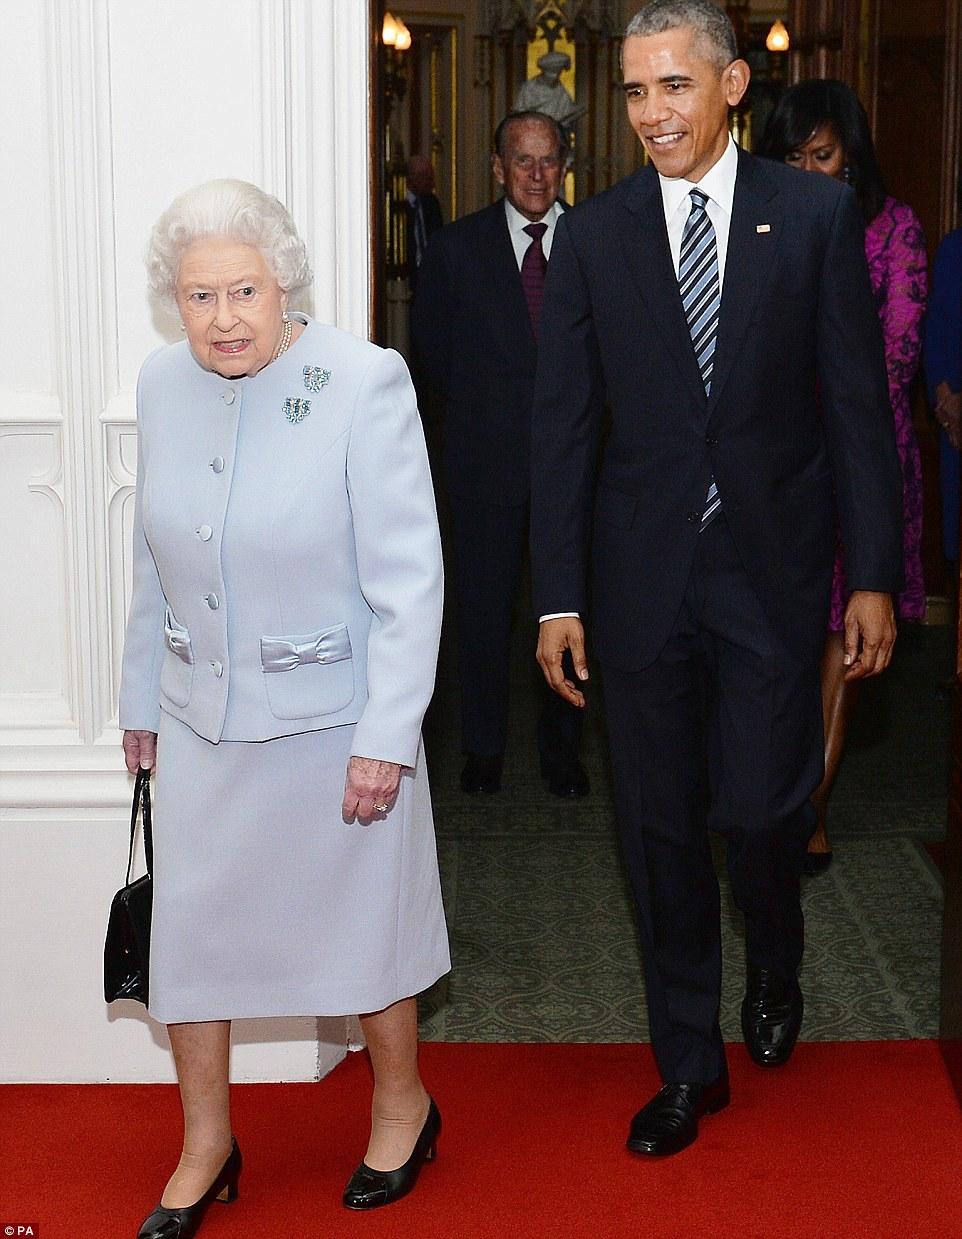 Indo em: Obama ea Rainha entrar no Oak Room no castelo para posar para fotos antes de seu almoço